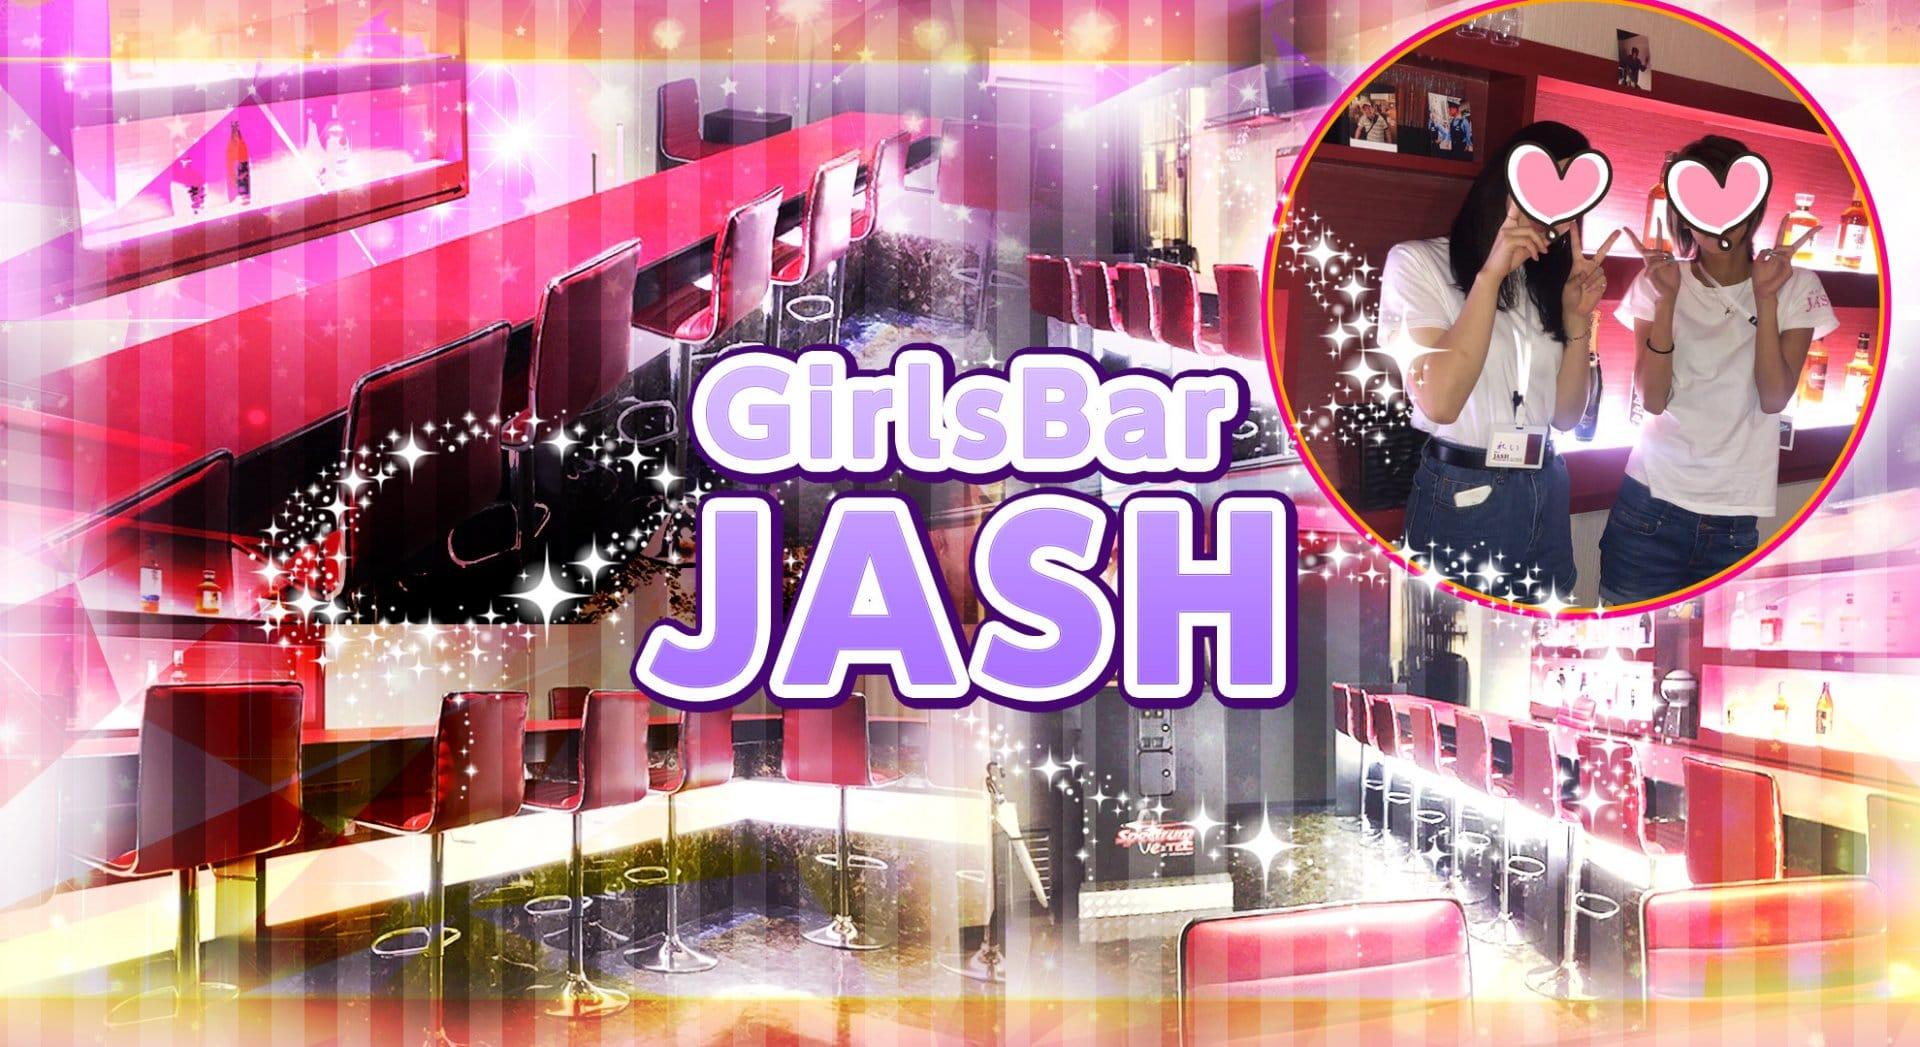 GirlsBar JASH(ジャッシュ) 幡ヶ谷ガールズバー TOP画像